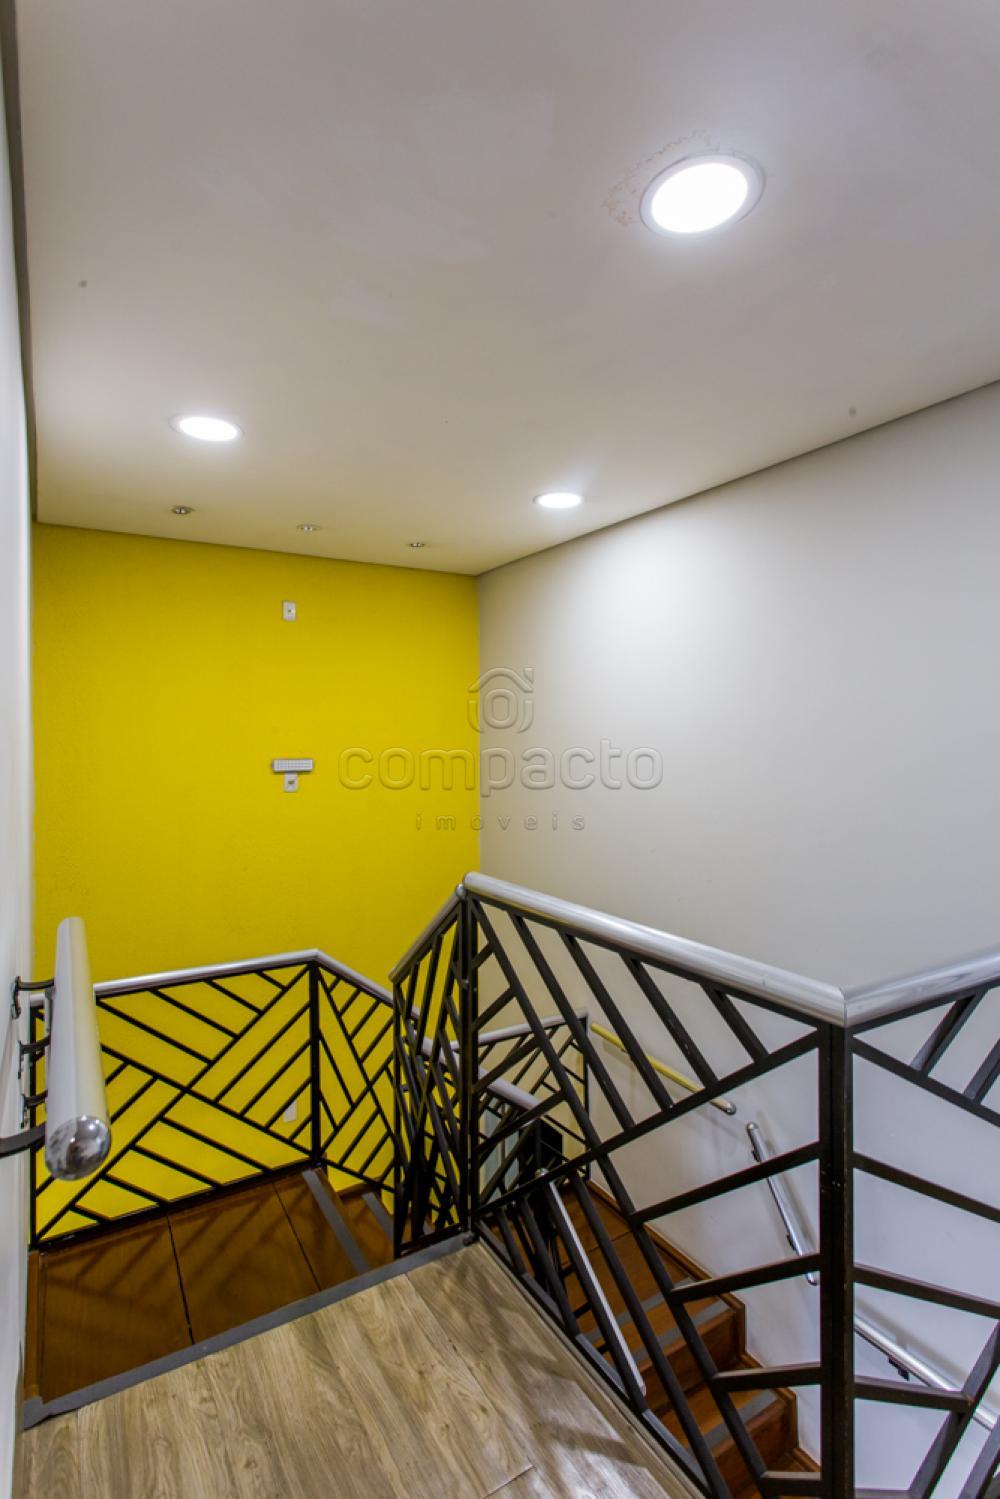 Alugar Comercial / Prédio em São Paulo apenas R$ 9.000,00 - Foto 15